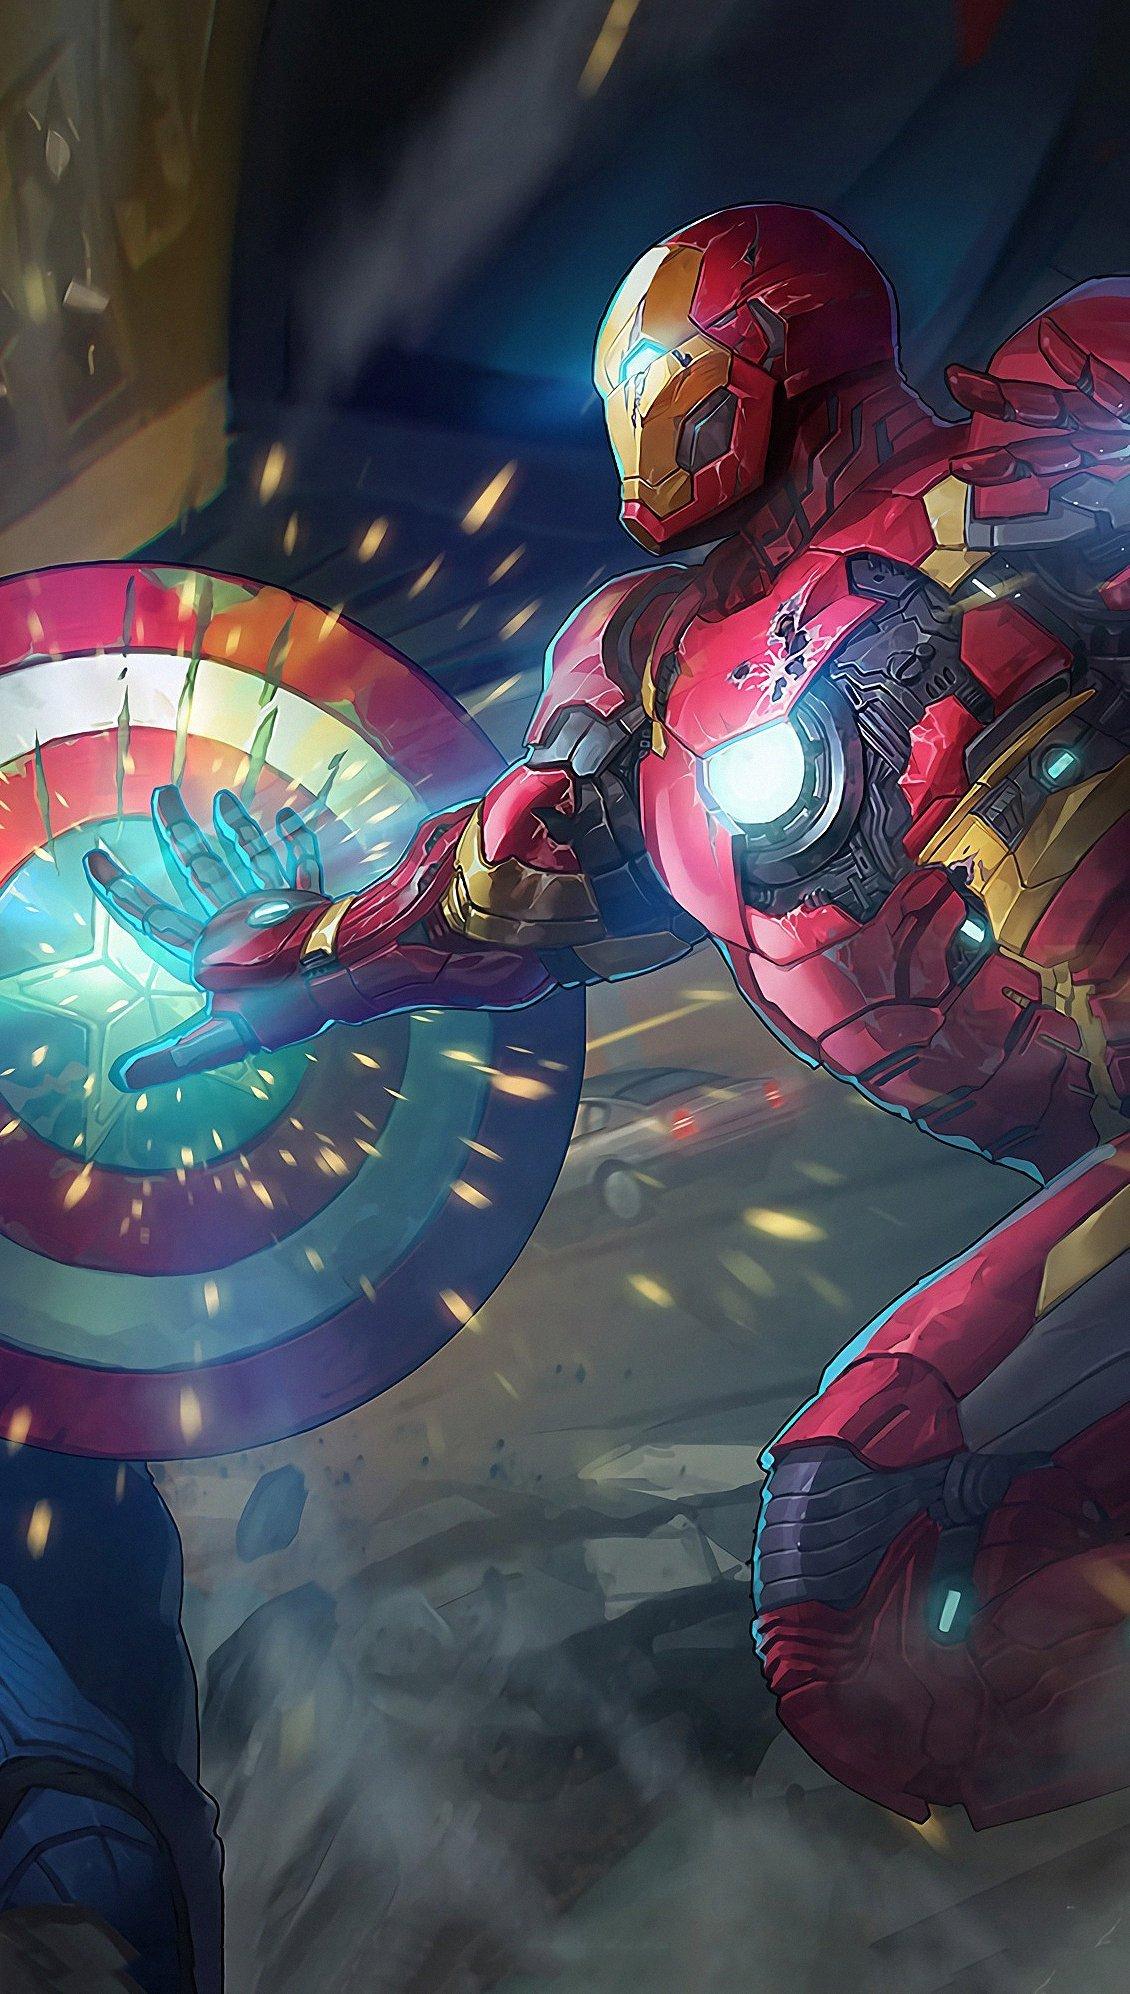 Fondos de pantalla Capitan America contra Iron Man Vertical